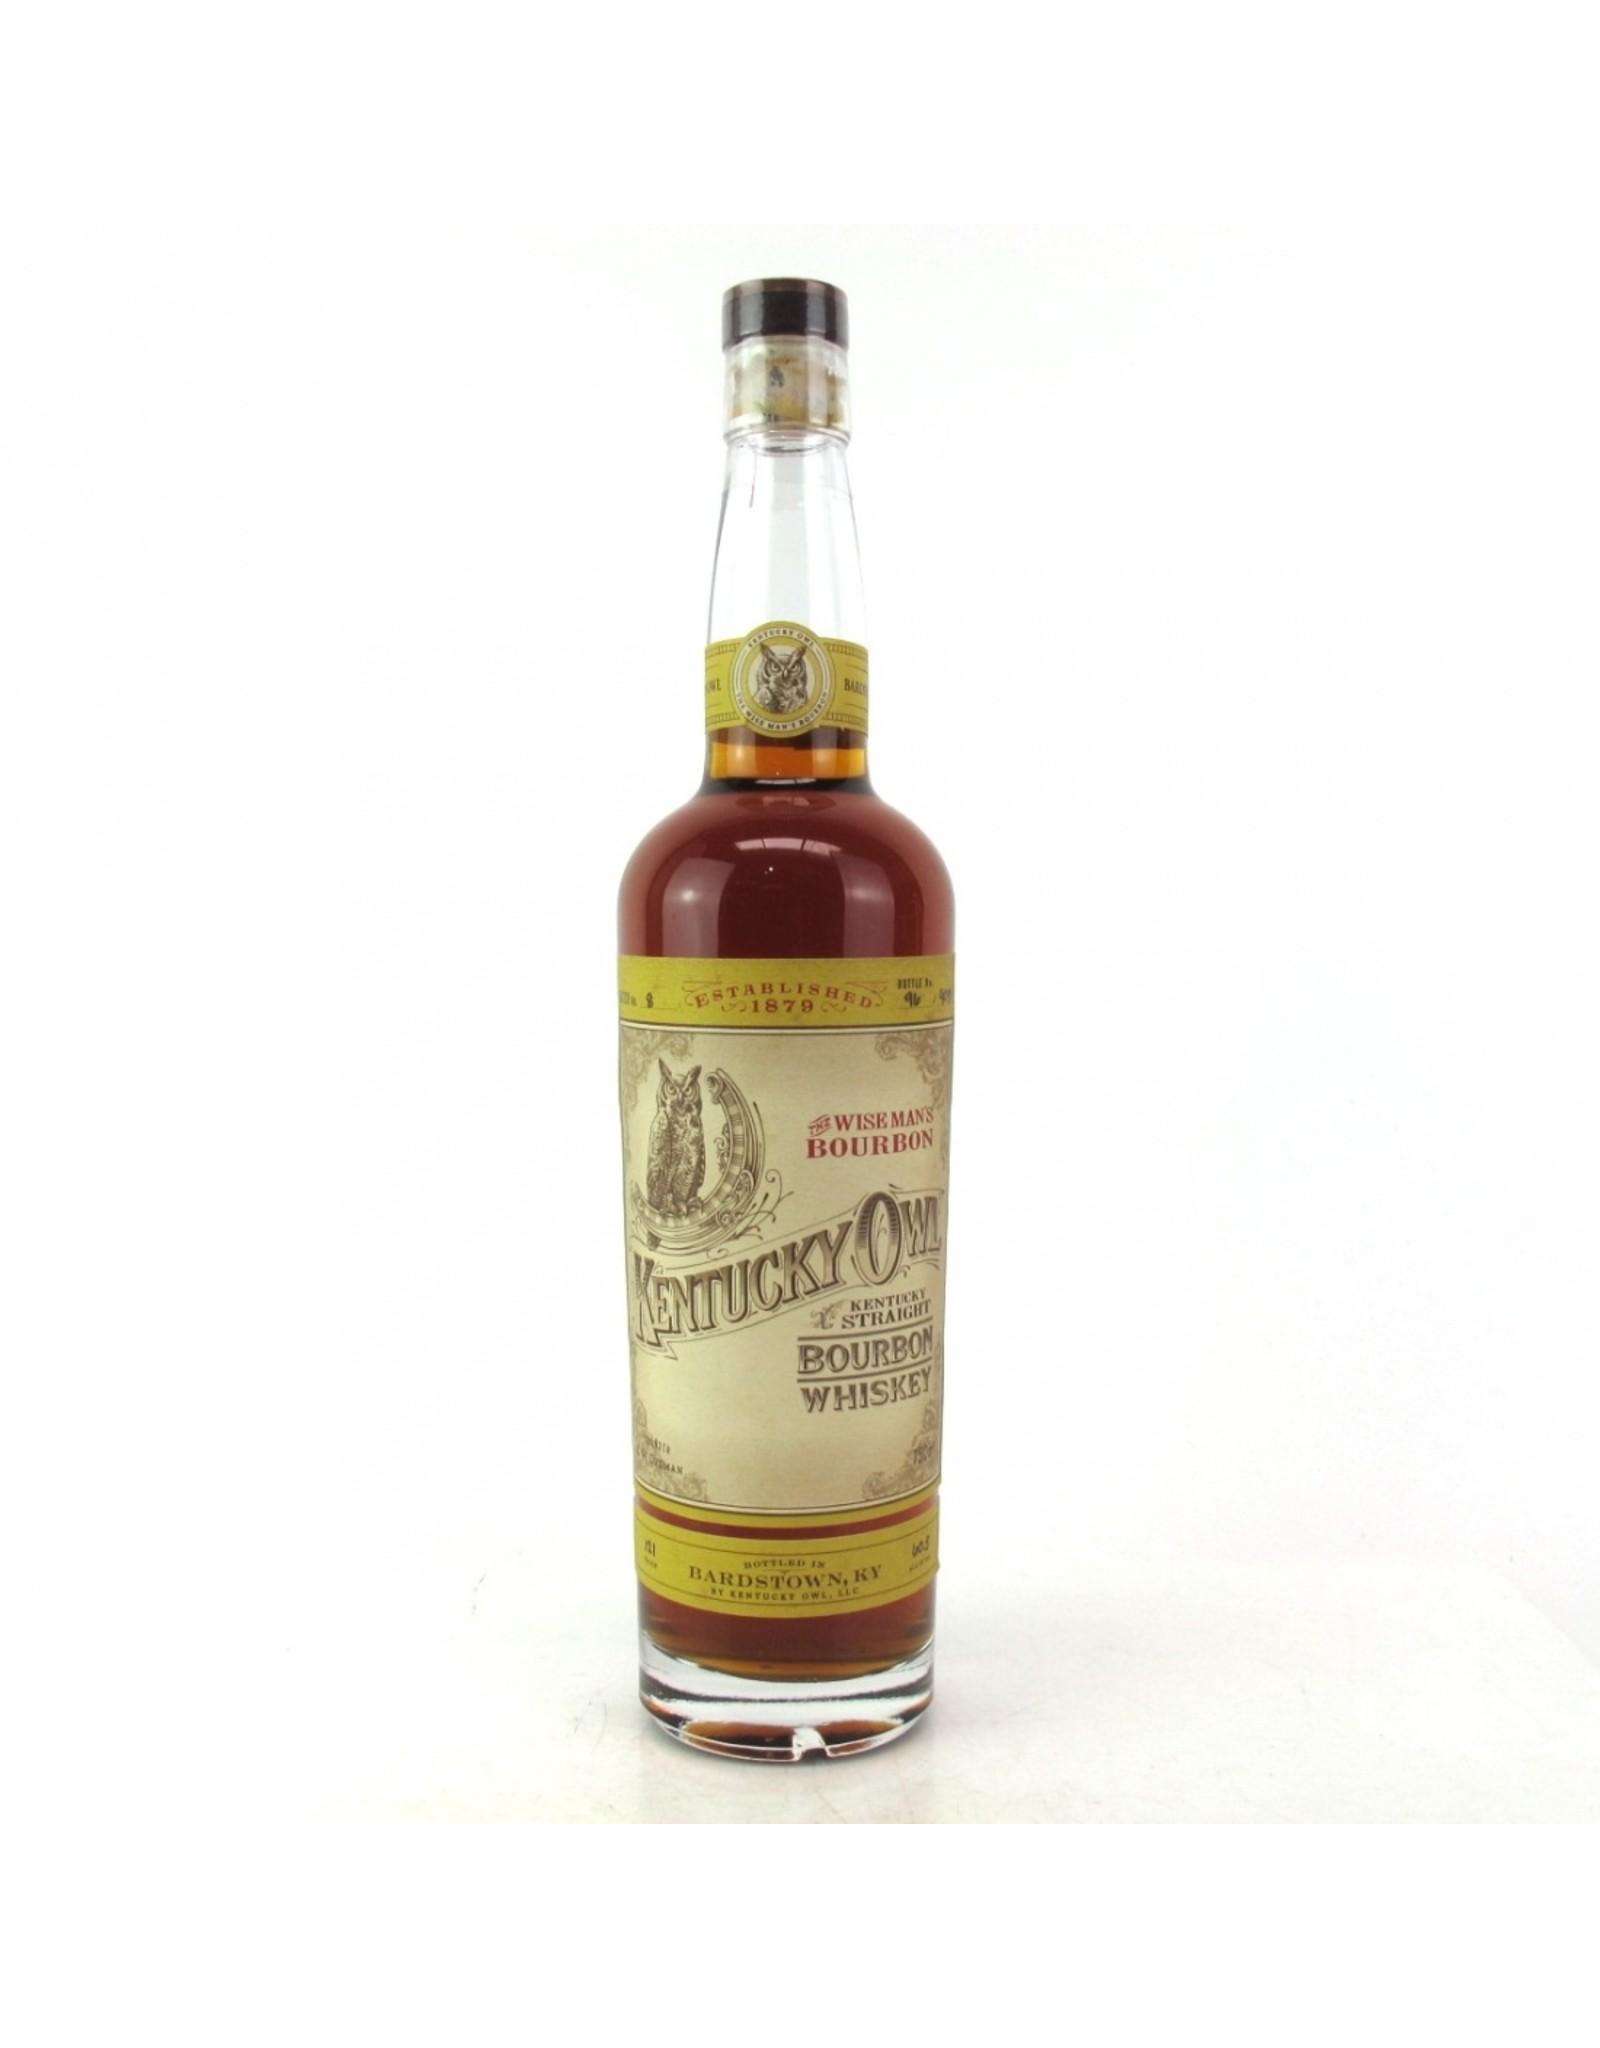 Kentucky Owl Bourbon Batch #8